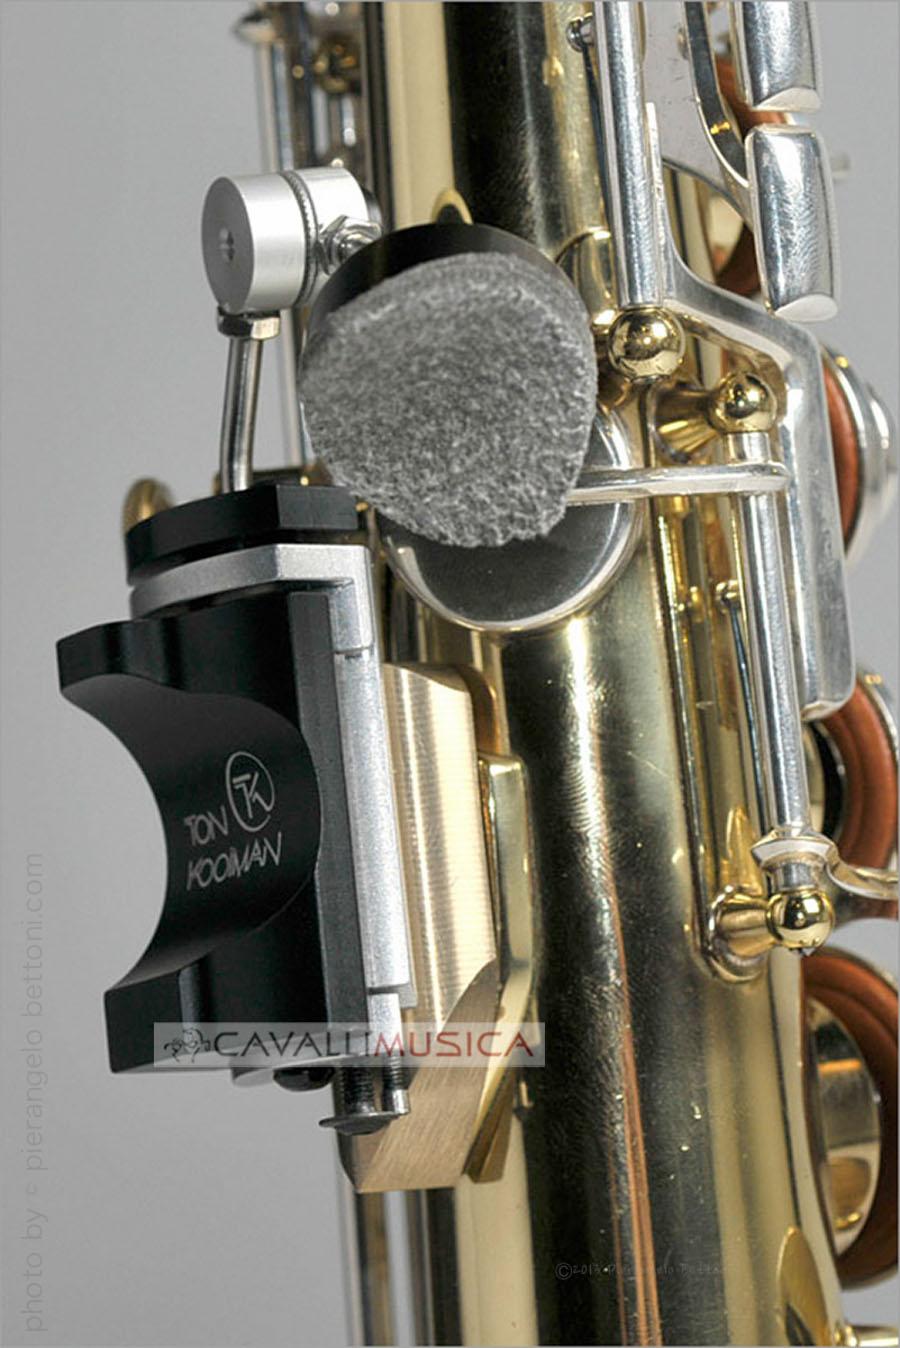 Fiati riparazione - Cavallimusica  invenzioni_DTR9437-8-copia-2-2